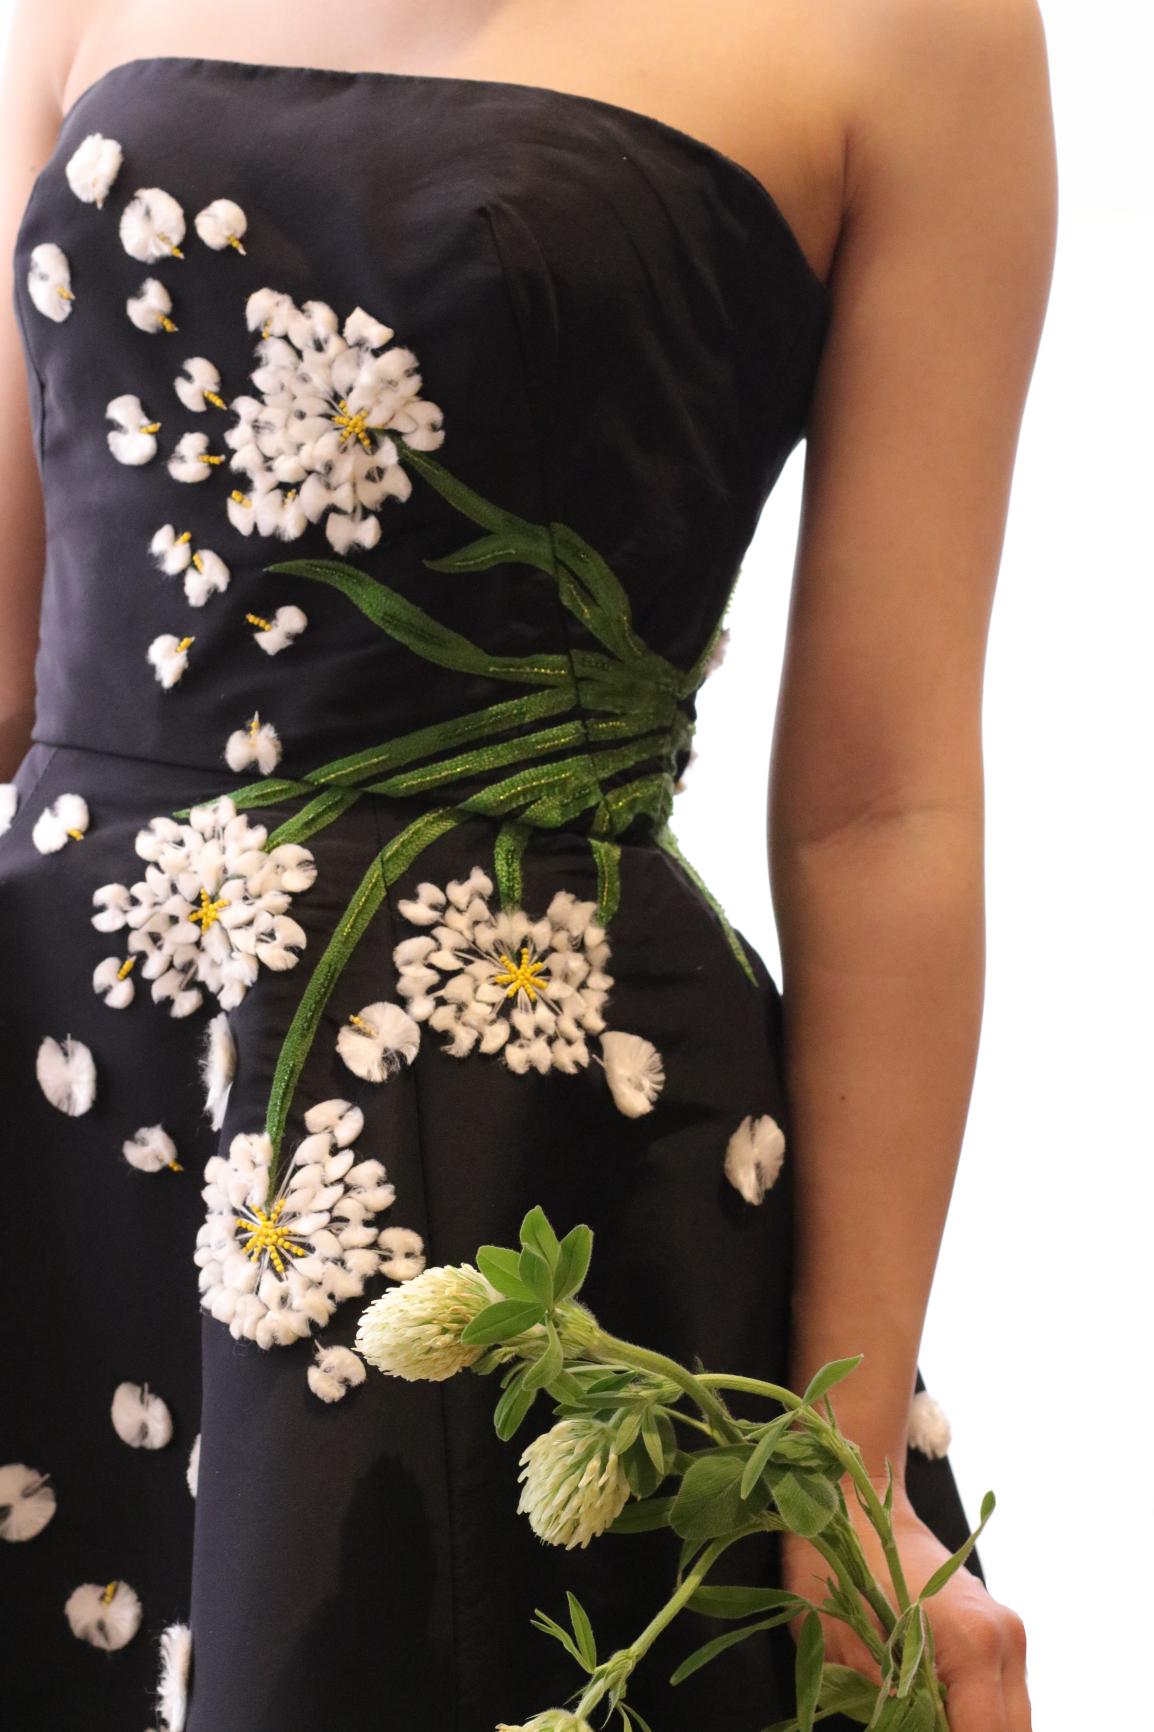 程良いカジュアルさが特徴のシルクファイユのスカートに、全身に施されたたんぽぽのモチーフ刺繍が愛らしいモニーク・ルイリエのカラードレスは、前撮りや二次会にもおすすめしたい写真映えするデザインです